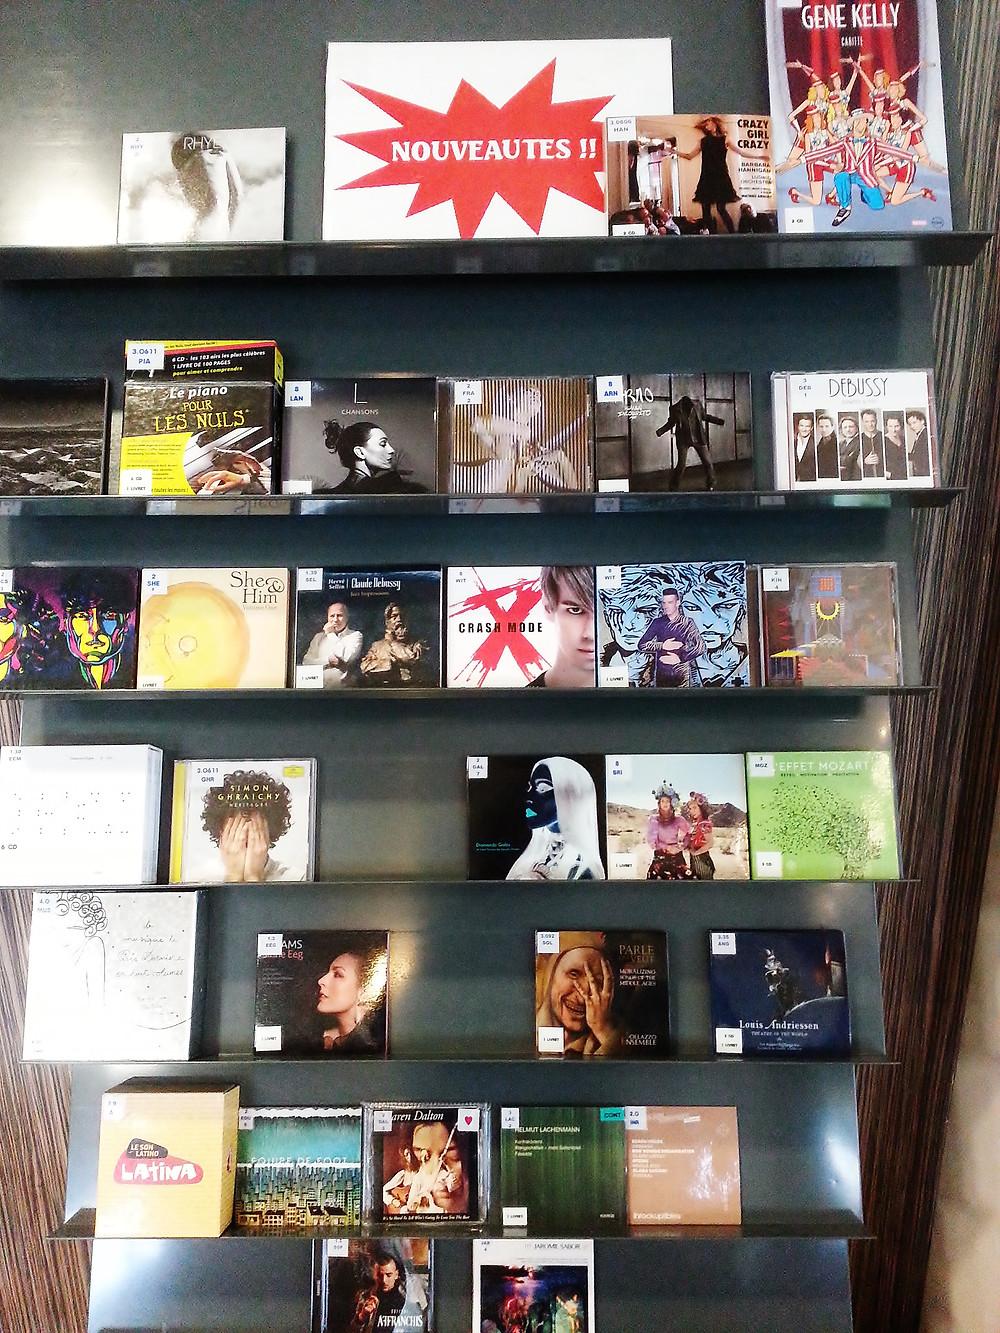 Dominique de Witte - Albums CRASH MODE et SUPERNOVA disponibles à la Médiathèque Jean Vautrin - 33170 GRADIGNAN - POP ROCK MUSIQUE